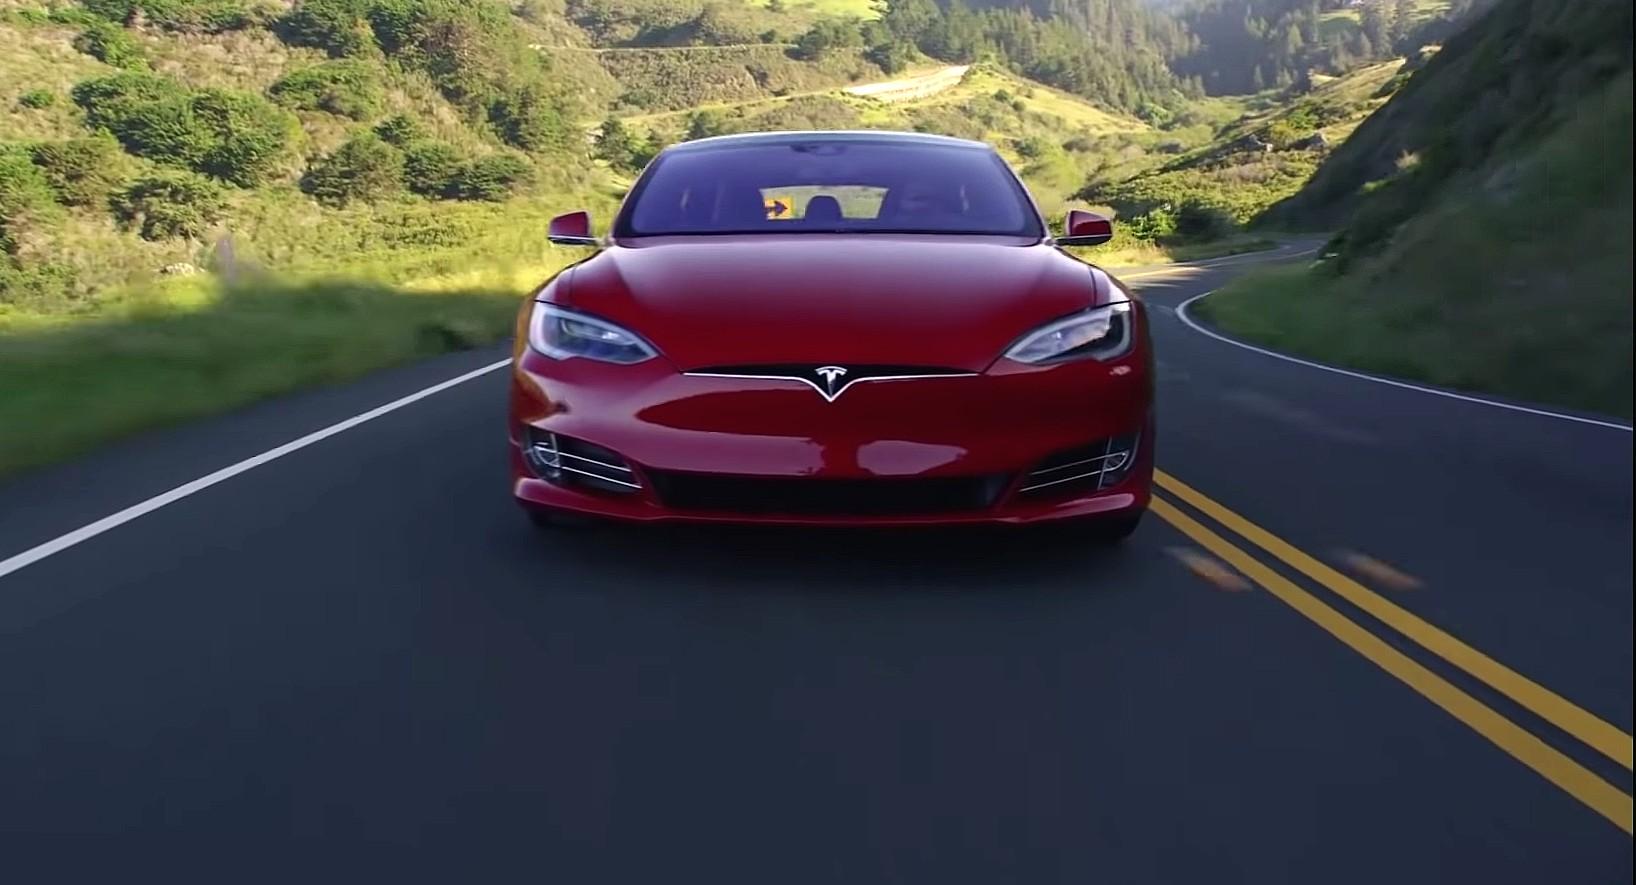 Отчет о безопасности Tesla за второй квартал продолжает стремление компании к безопасному вождению